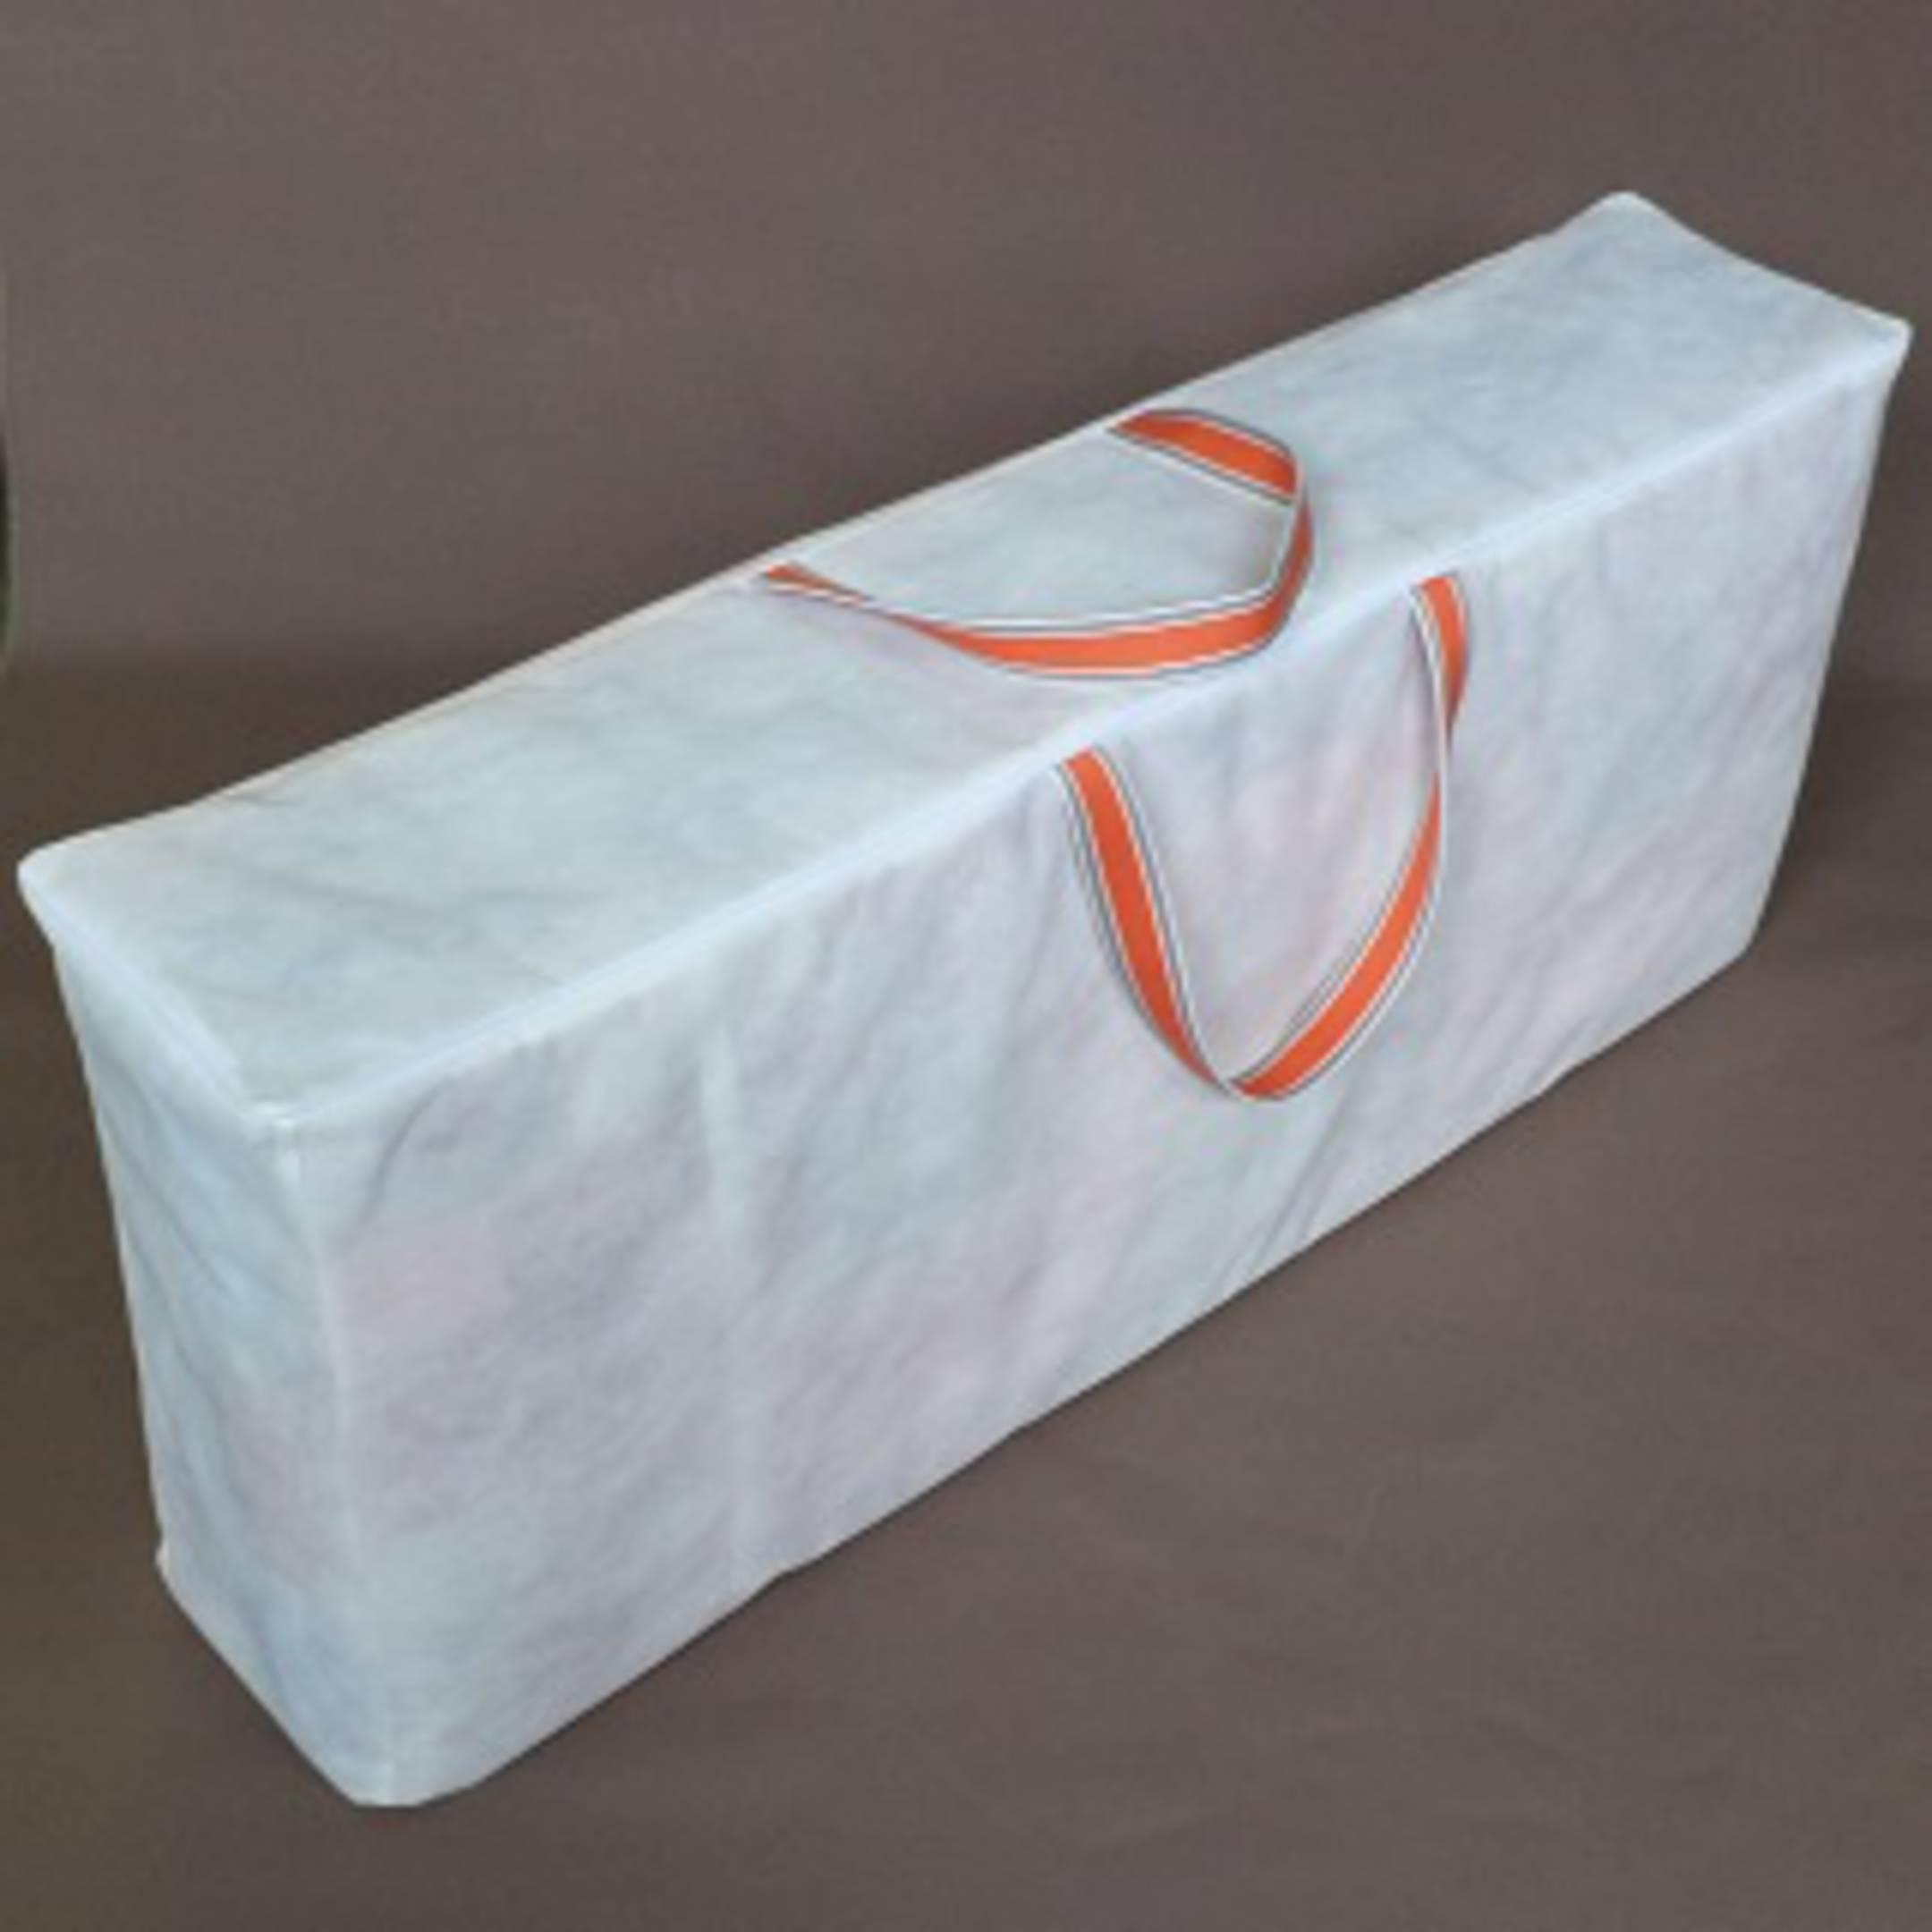 kissen aufbewahrungstasche f r 4 st ck hochlehner auflage in 5 cm dicke 125x25x52 cm. Black Bedroom Furniture Sets. Home Design Ideas